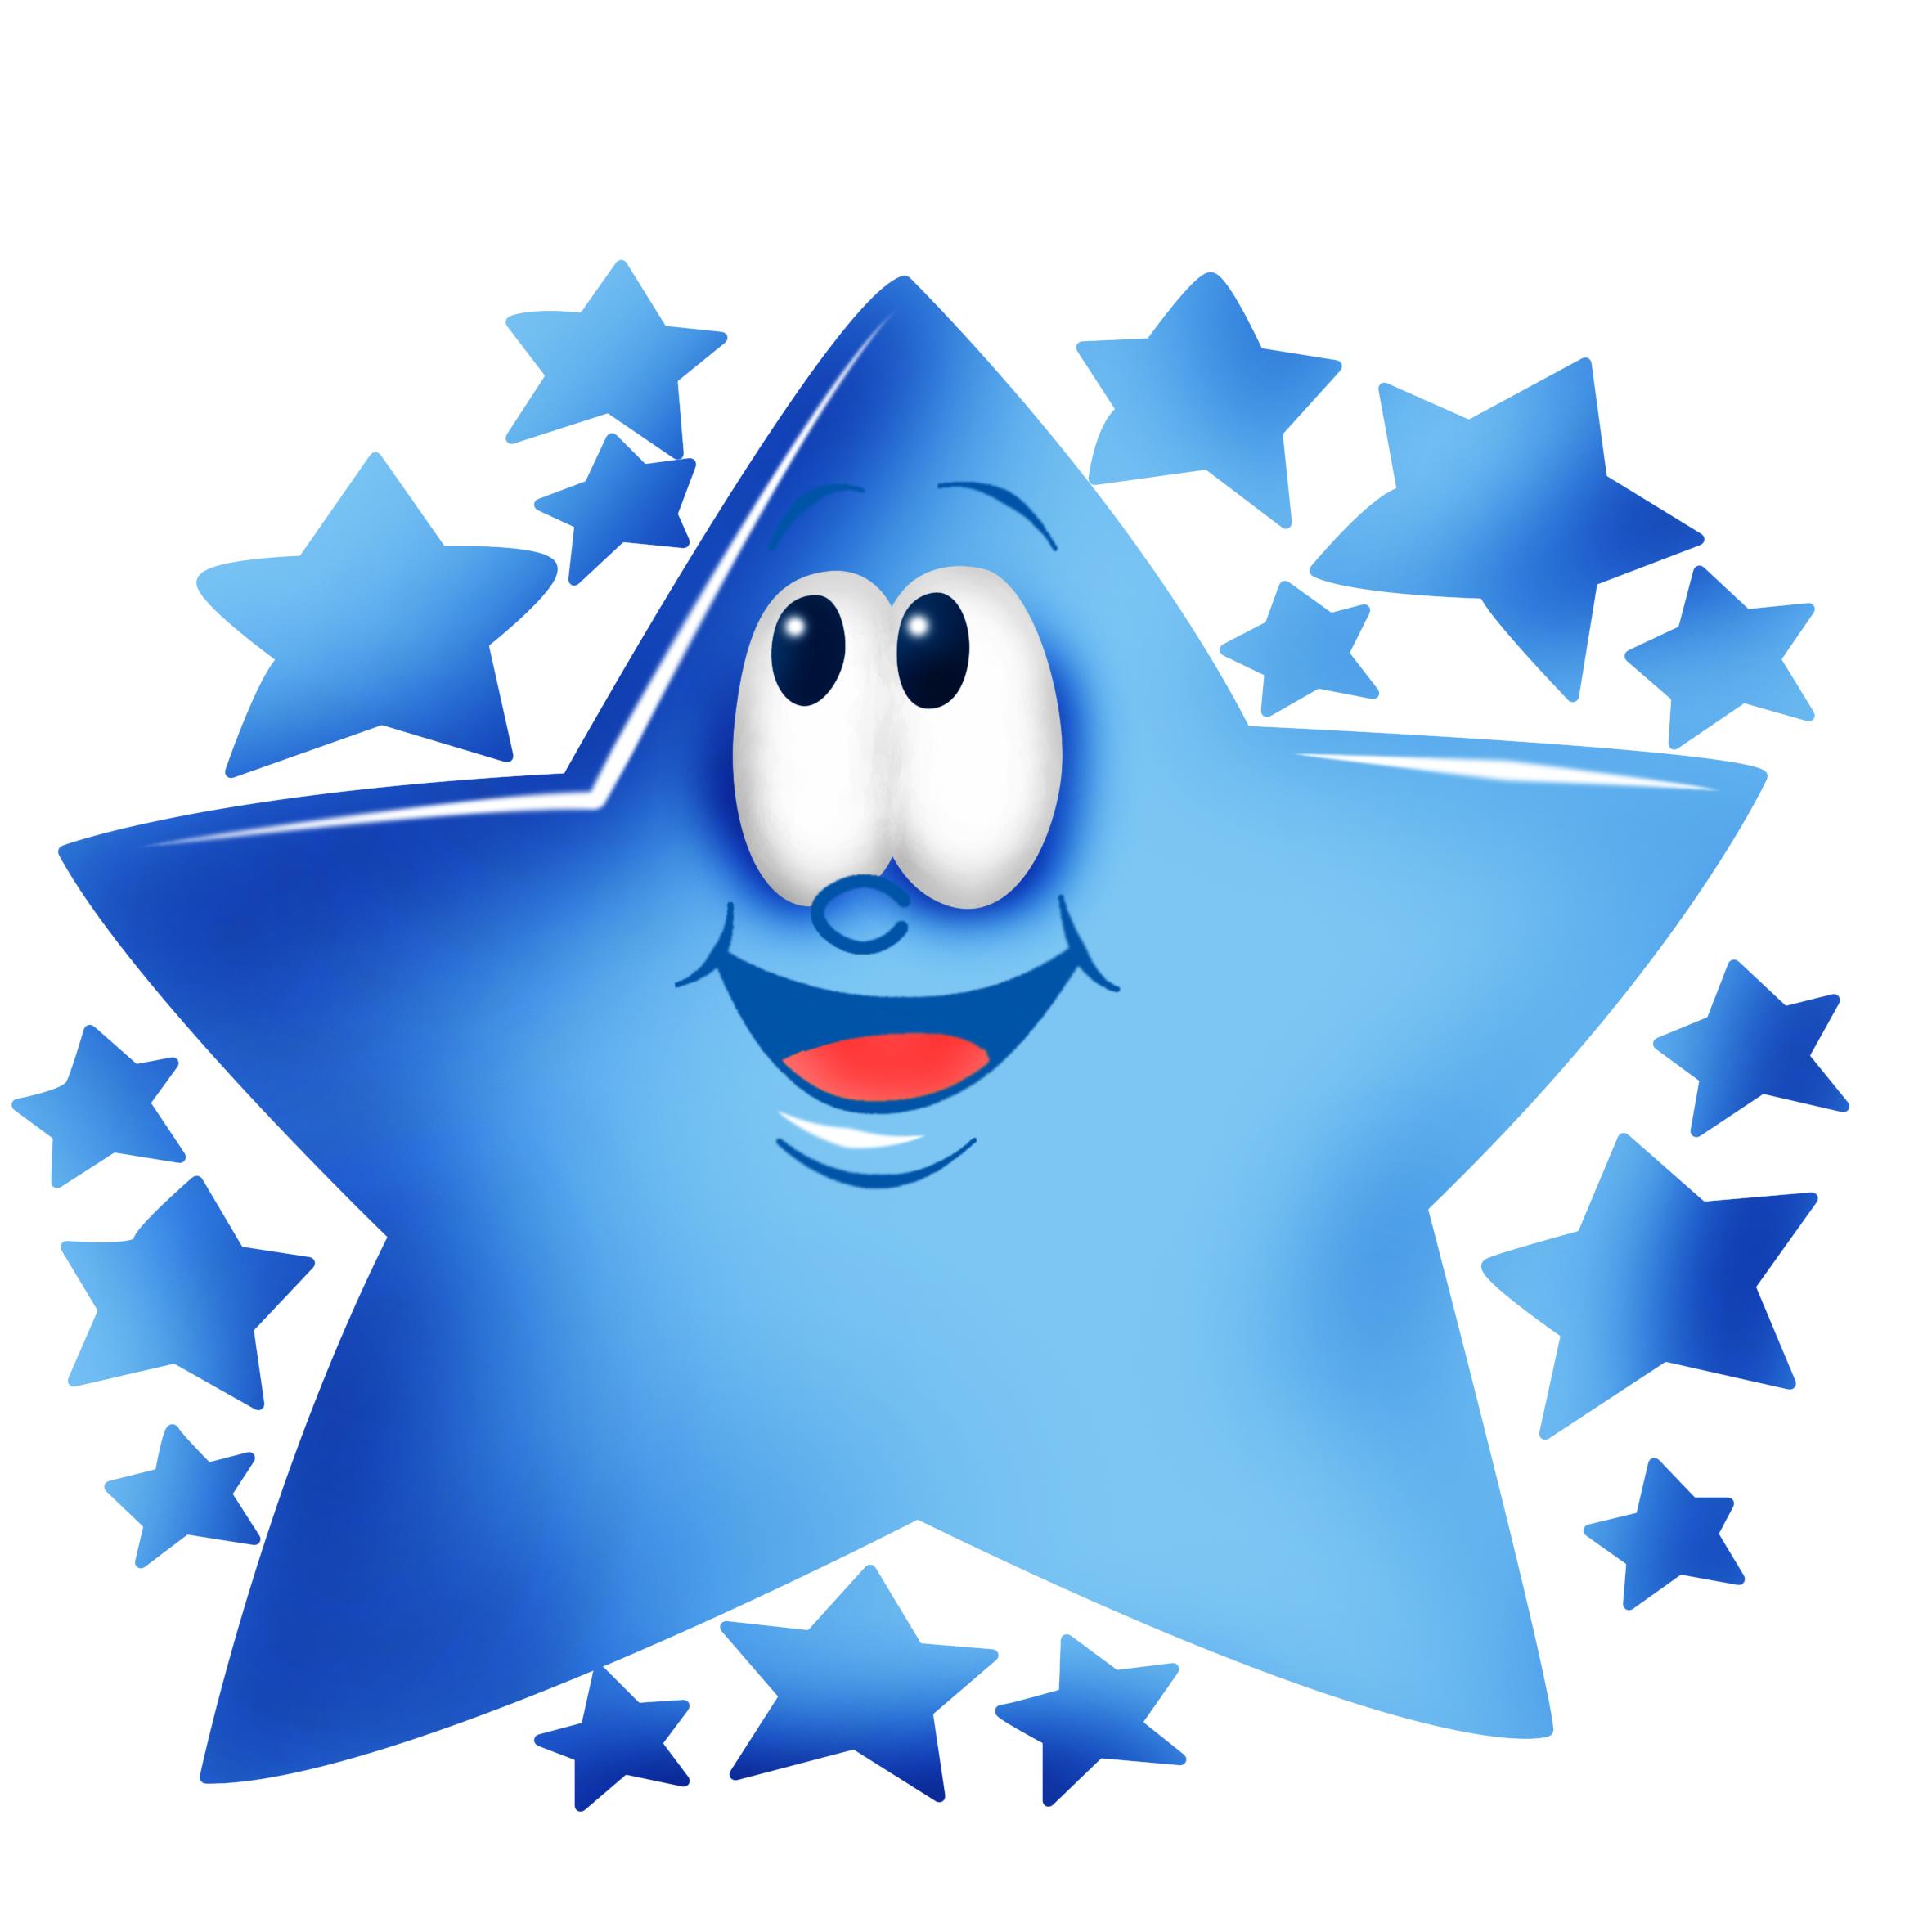 Картинка эмблемы звездочки